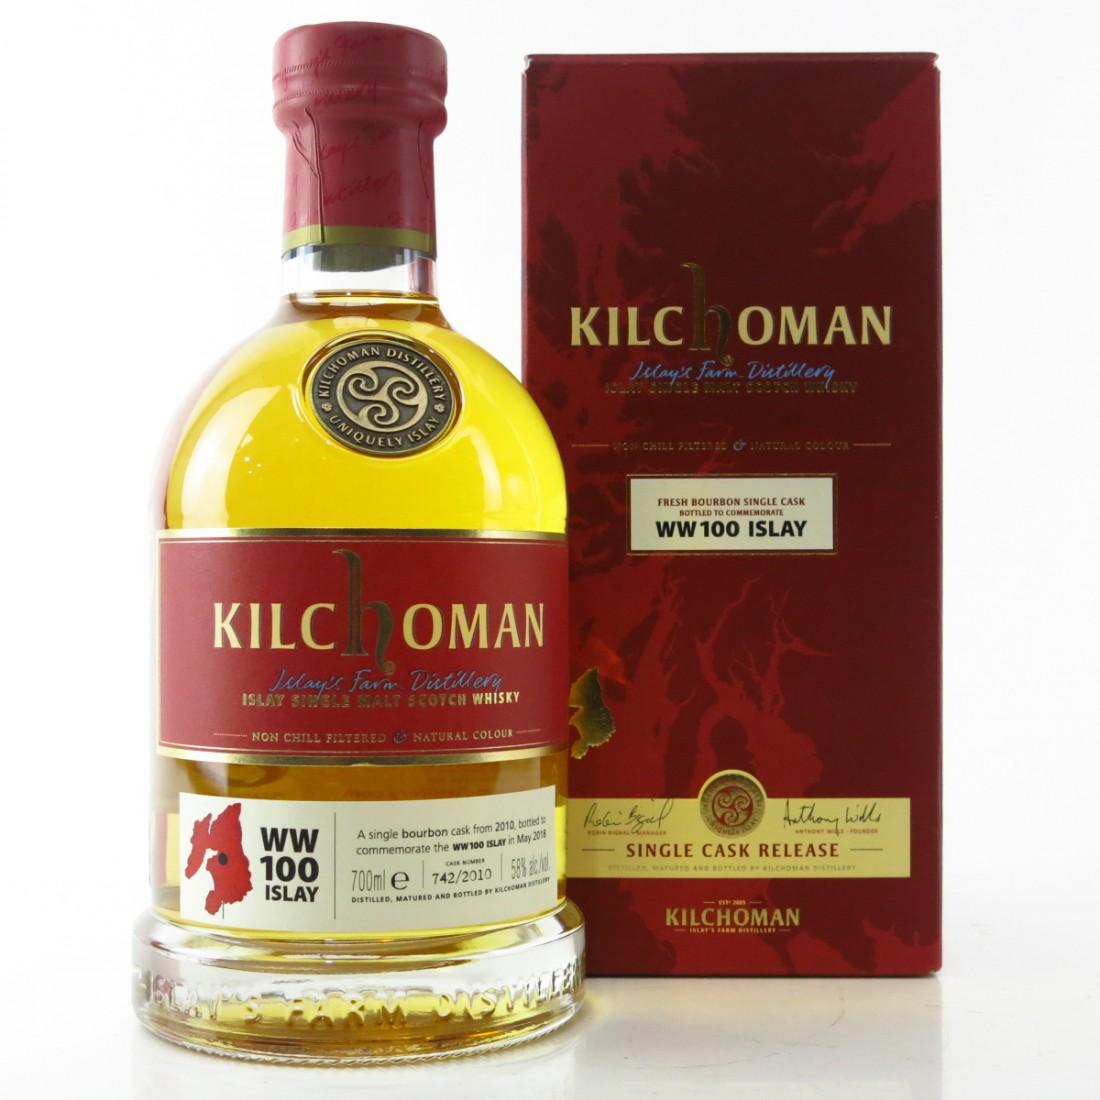 Kilchoman 2010 Single Cask #742 / WW100 Islay